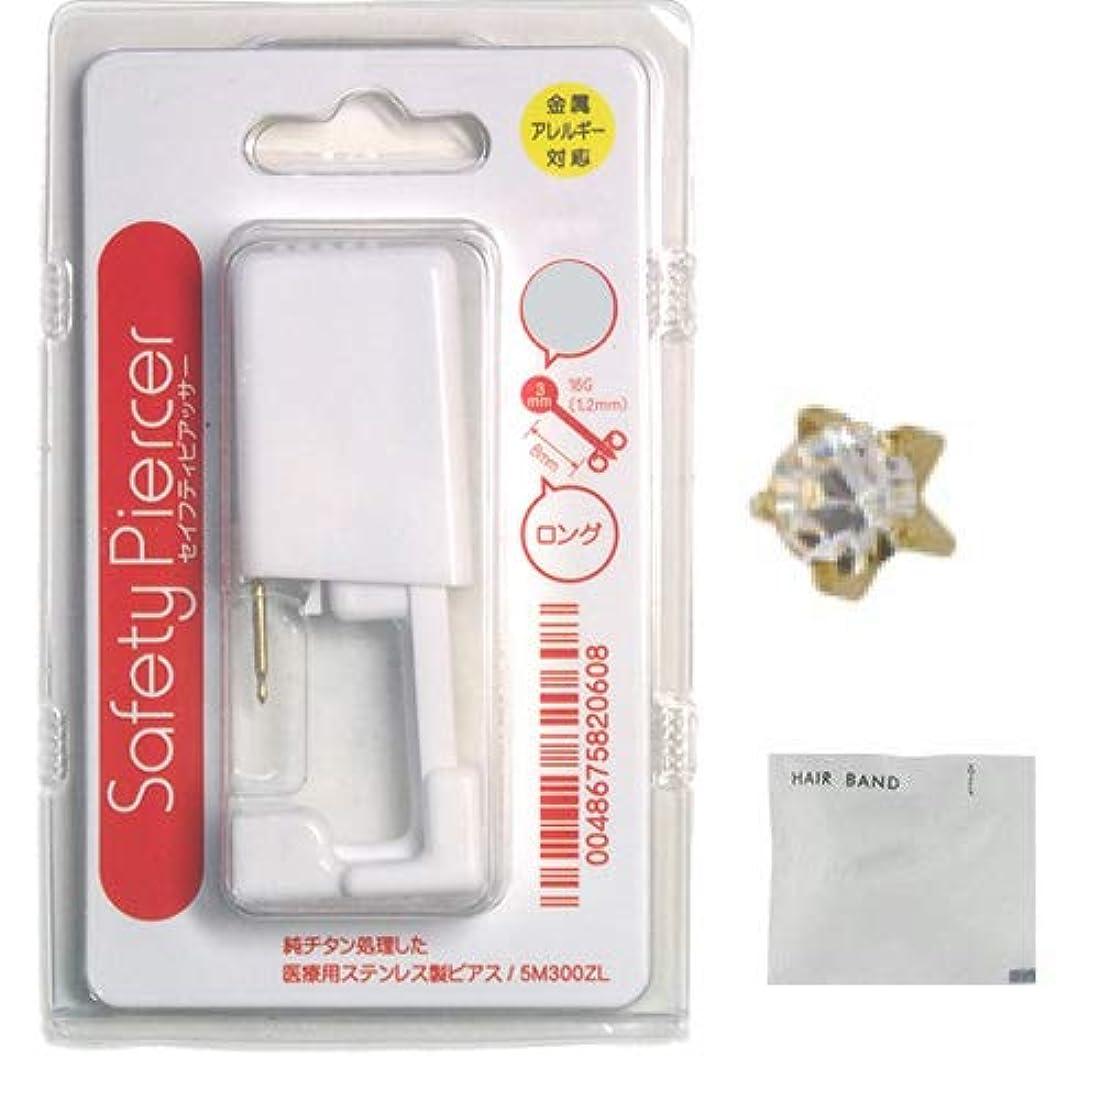 マーカー細部流産セイフティピアッサー シャンパンゴールド チタンロングタイプ(片耳用) 5M104WL 4月ダイヤモンド+ ヘアゴム(カラーはおまかせ)セット